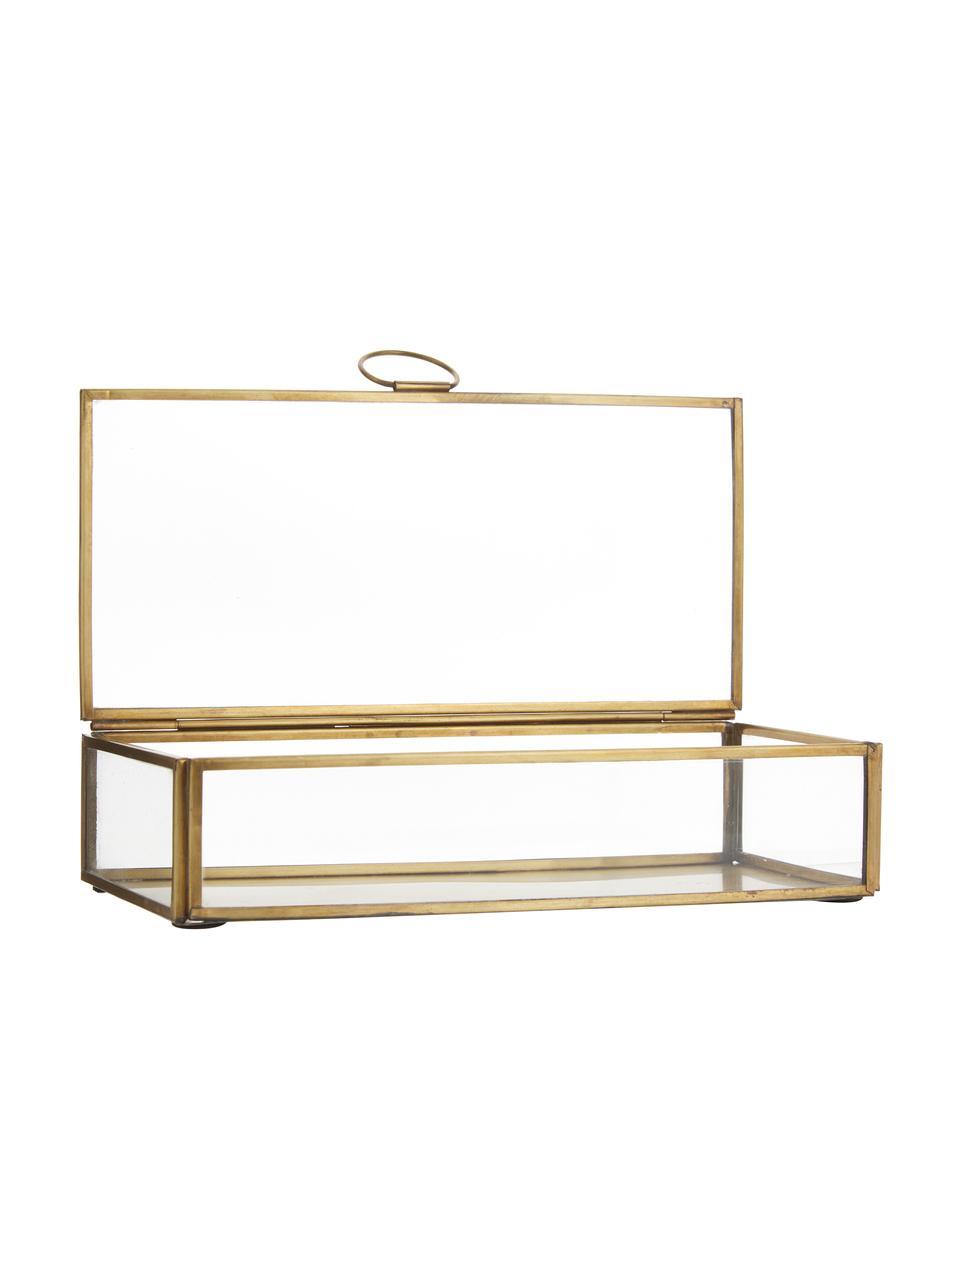 Scatola portaoggetti Janni, Ottone, vetro, Ottone, Larg. 22 x Prof. 10 cm